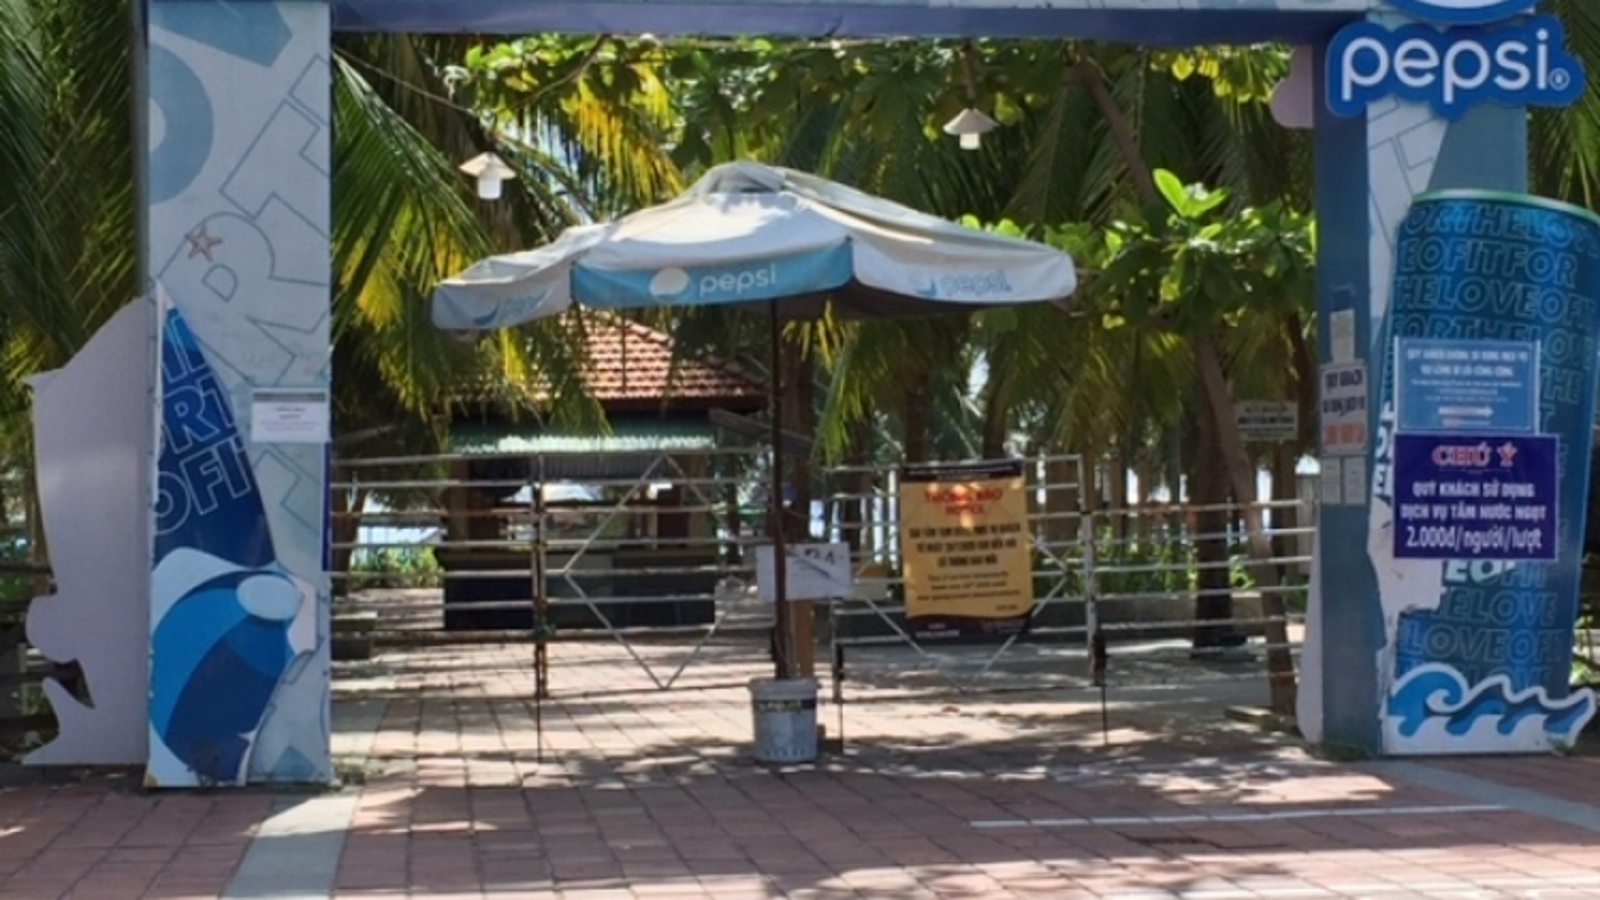 Đà Nẵng: Tạm dừng tắm biển, vận động tổ chức hiếu hỷ gọn nhẹ